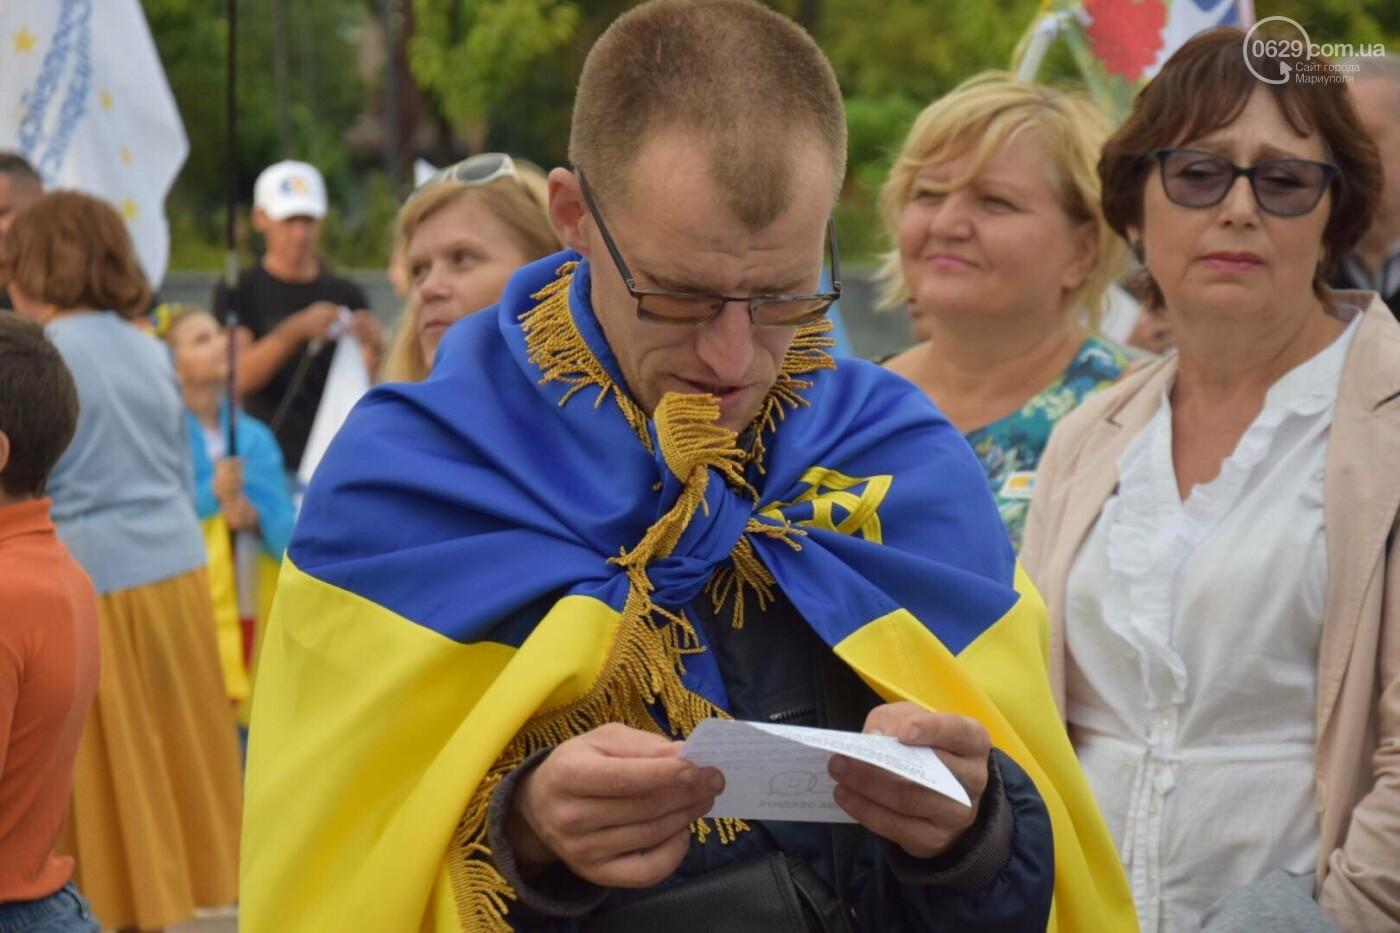 В Мариуполе радостно встретили Закон об украинском языке, - ФОТО, фото-17